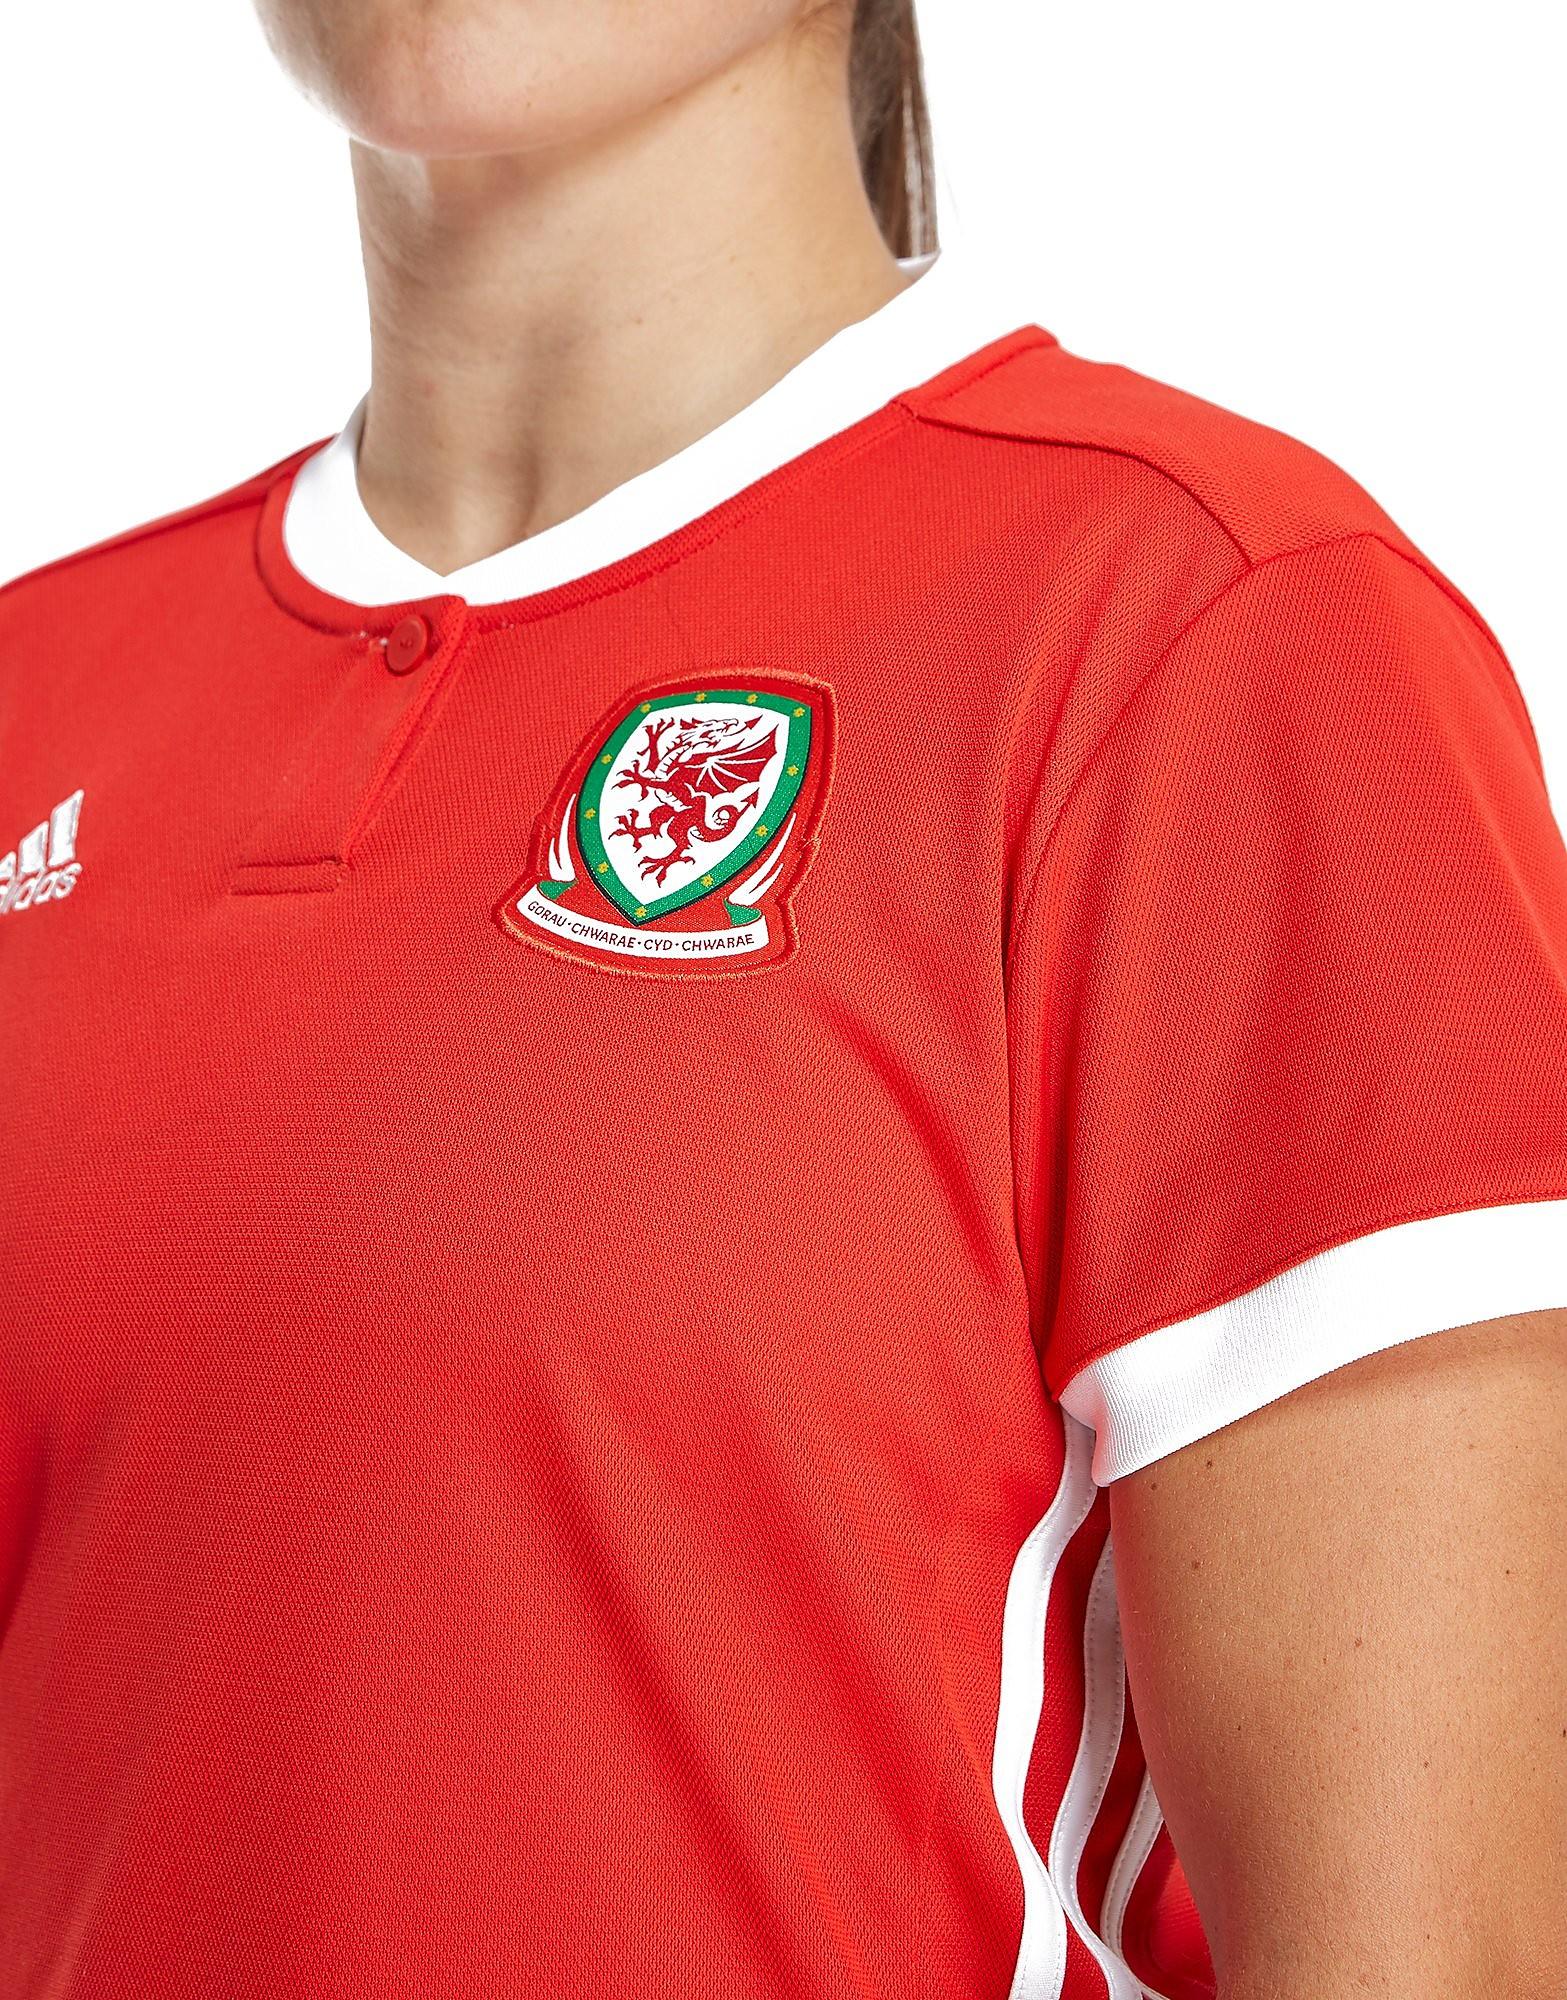 adidas Wales 2017/18 Home Shirt Women's